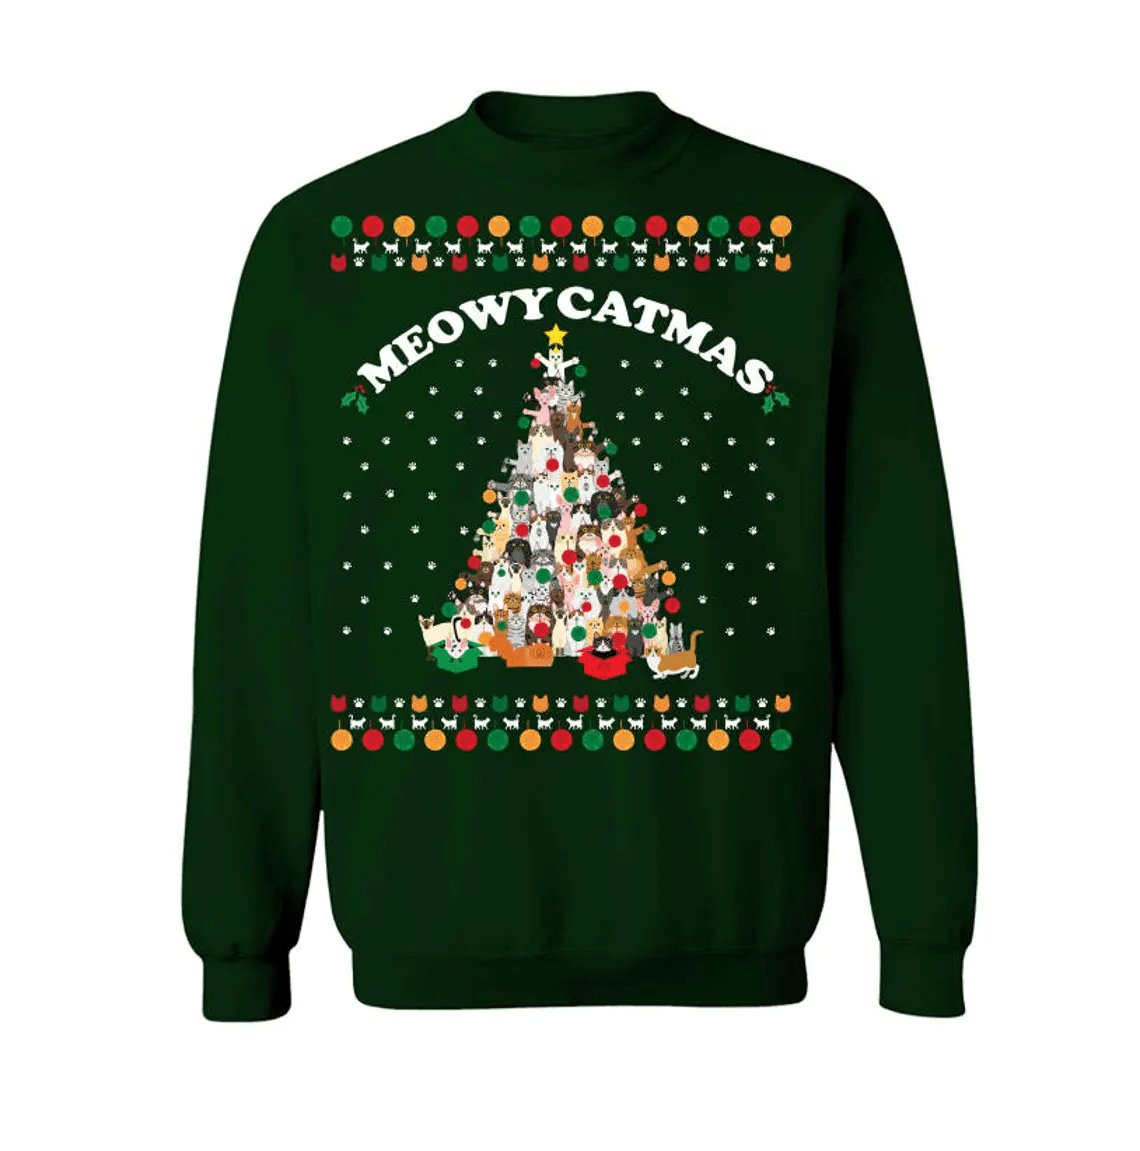 Meowy Catmas Christmas Tree Sweatshirt